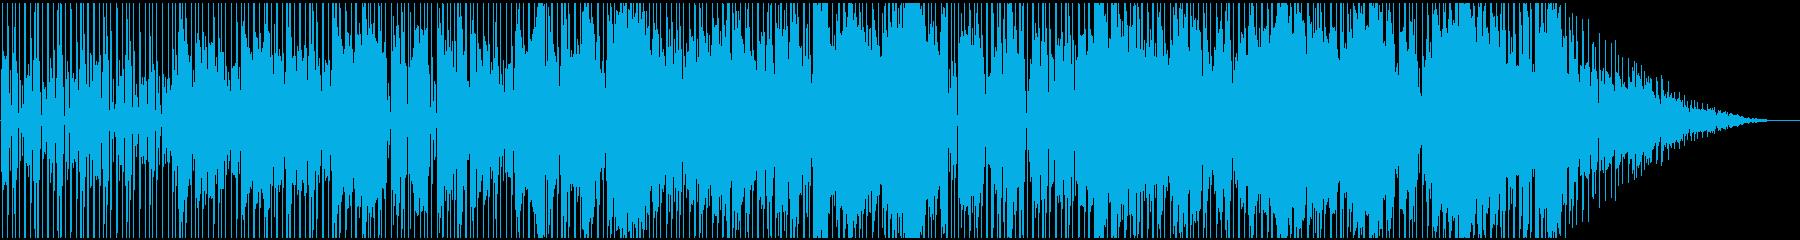 サックスとギターによるダークなファンクの再生済みの波形